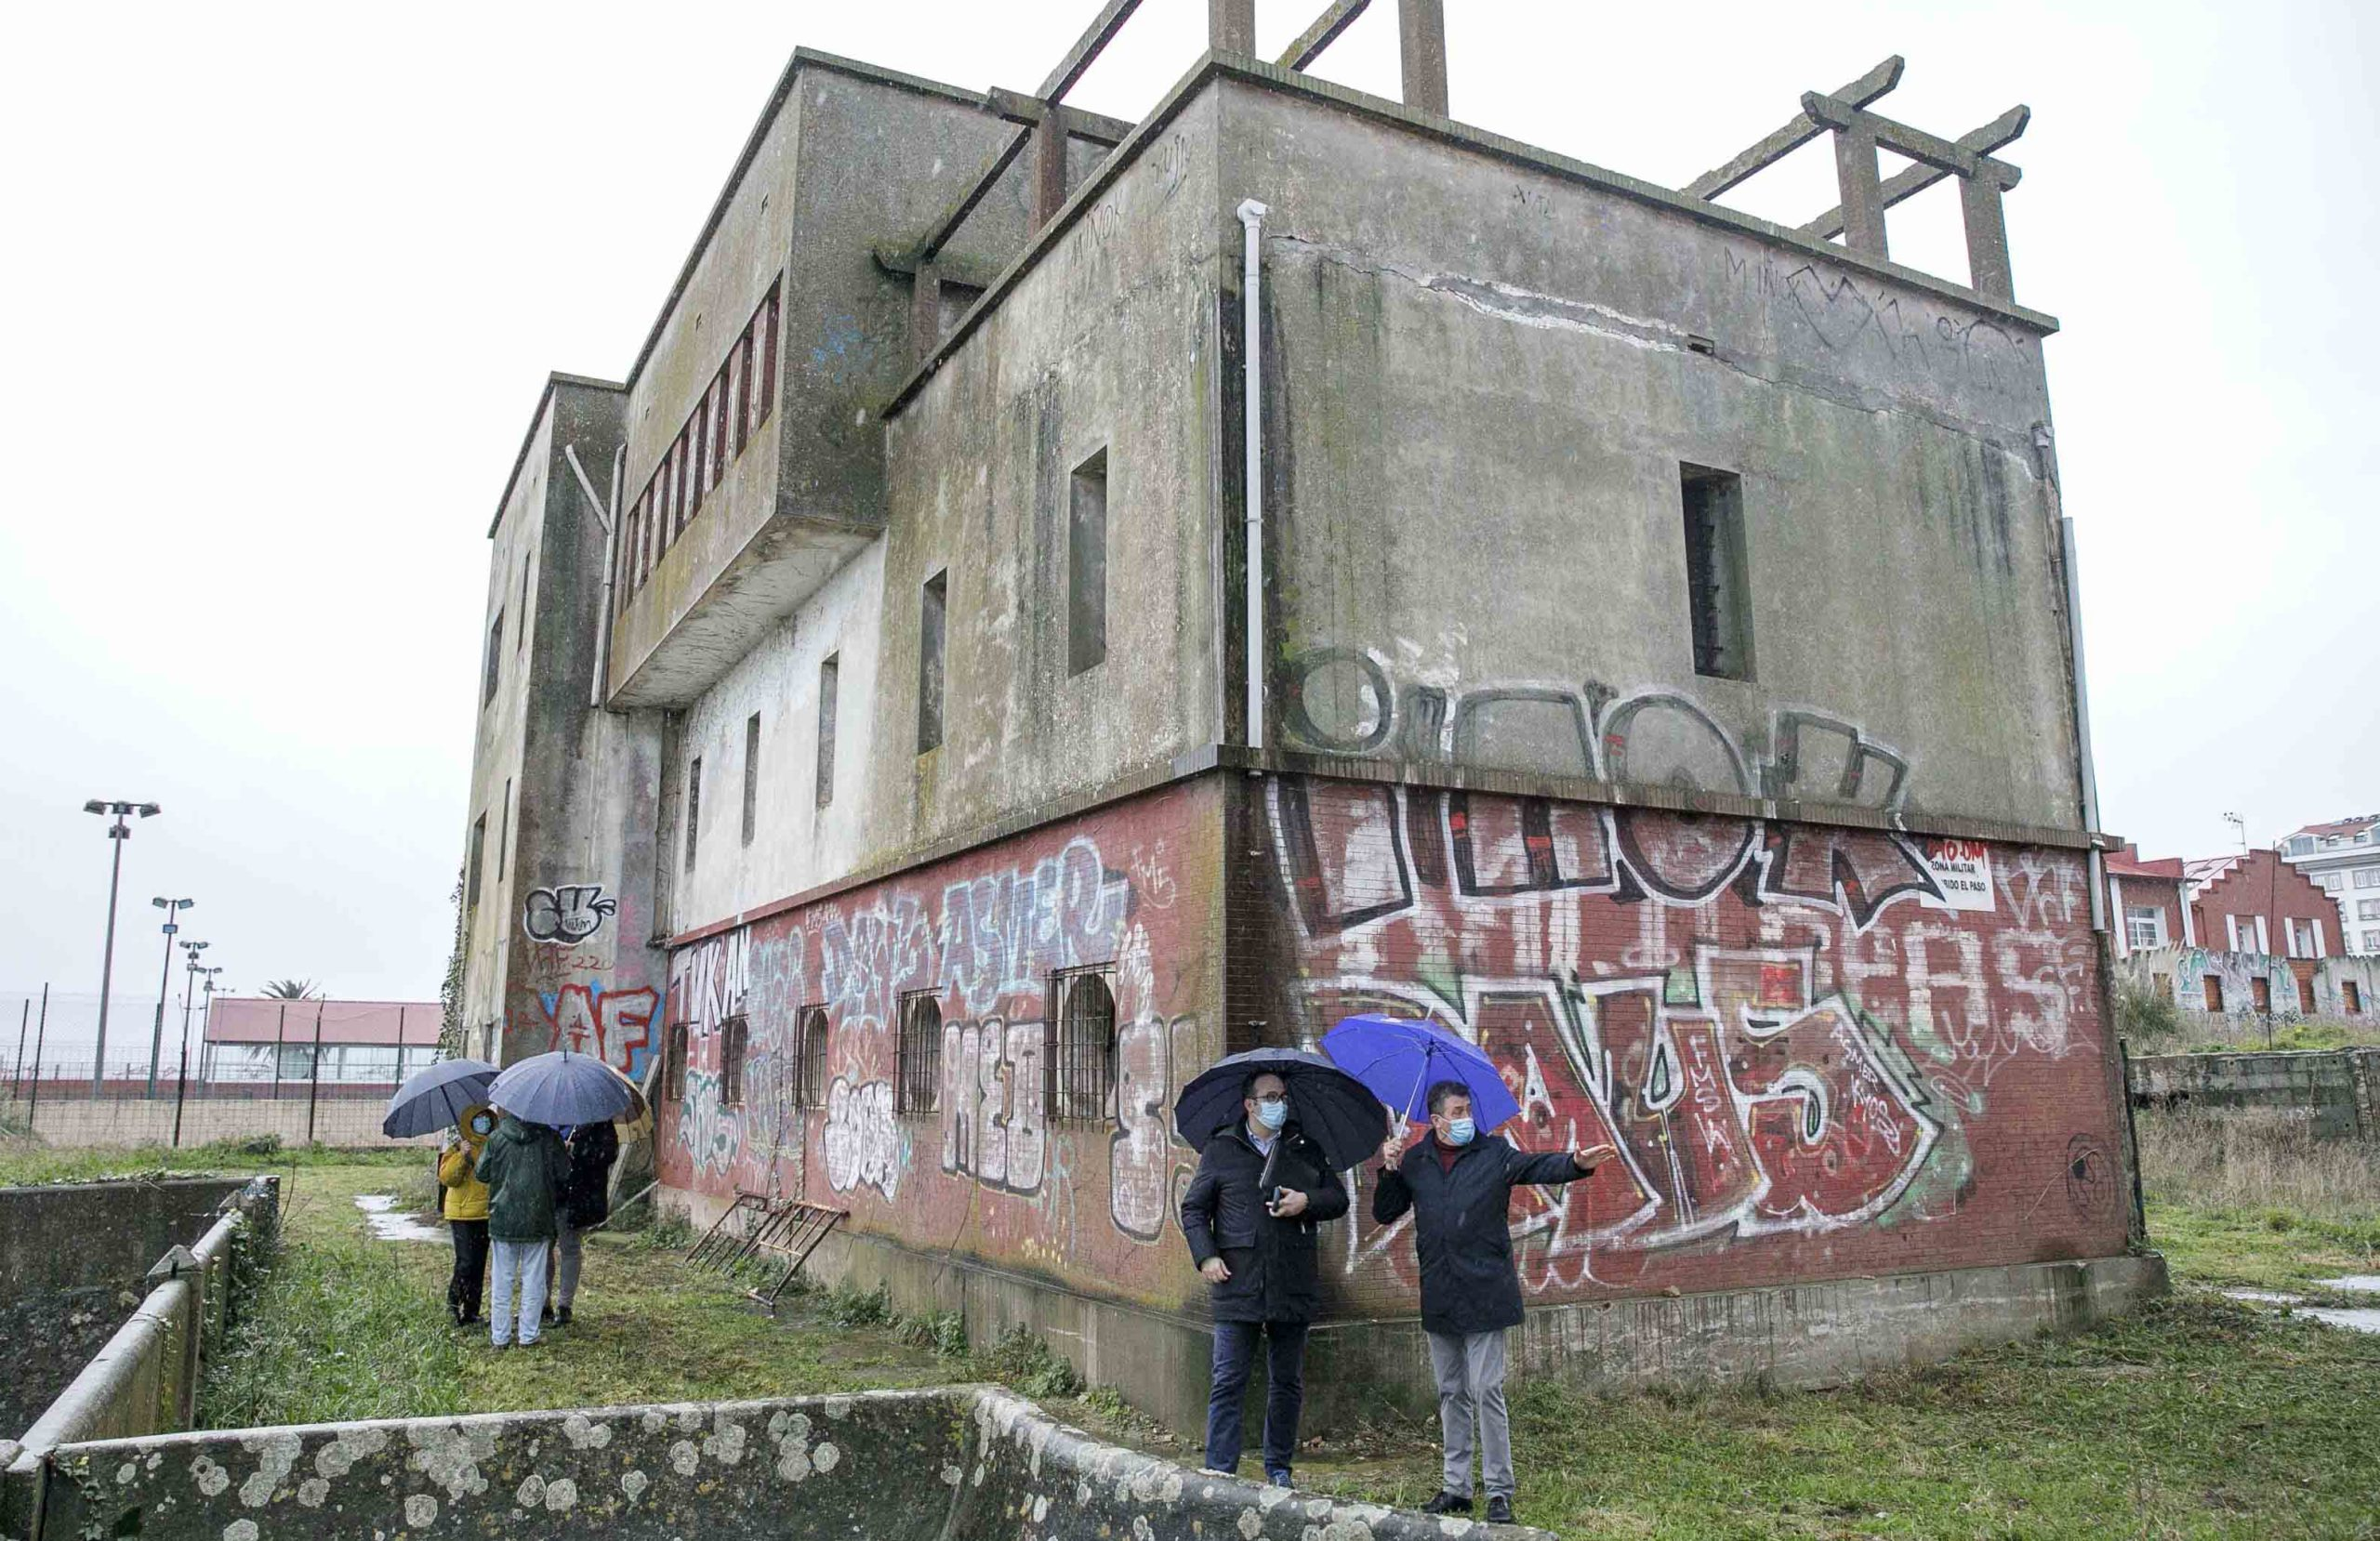 Xunta y Concello de A Coruña analizarán el edificio de la Comandancia para su transformación en albergue